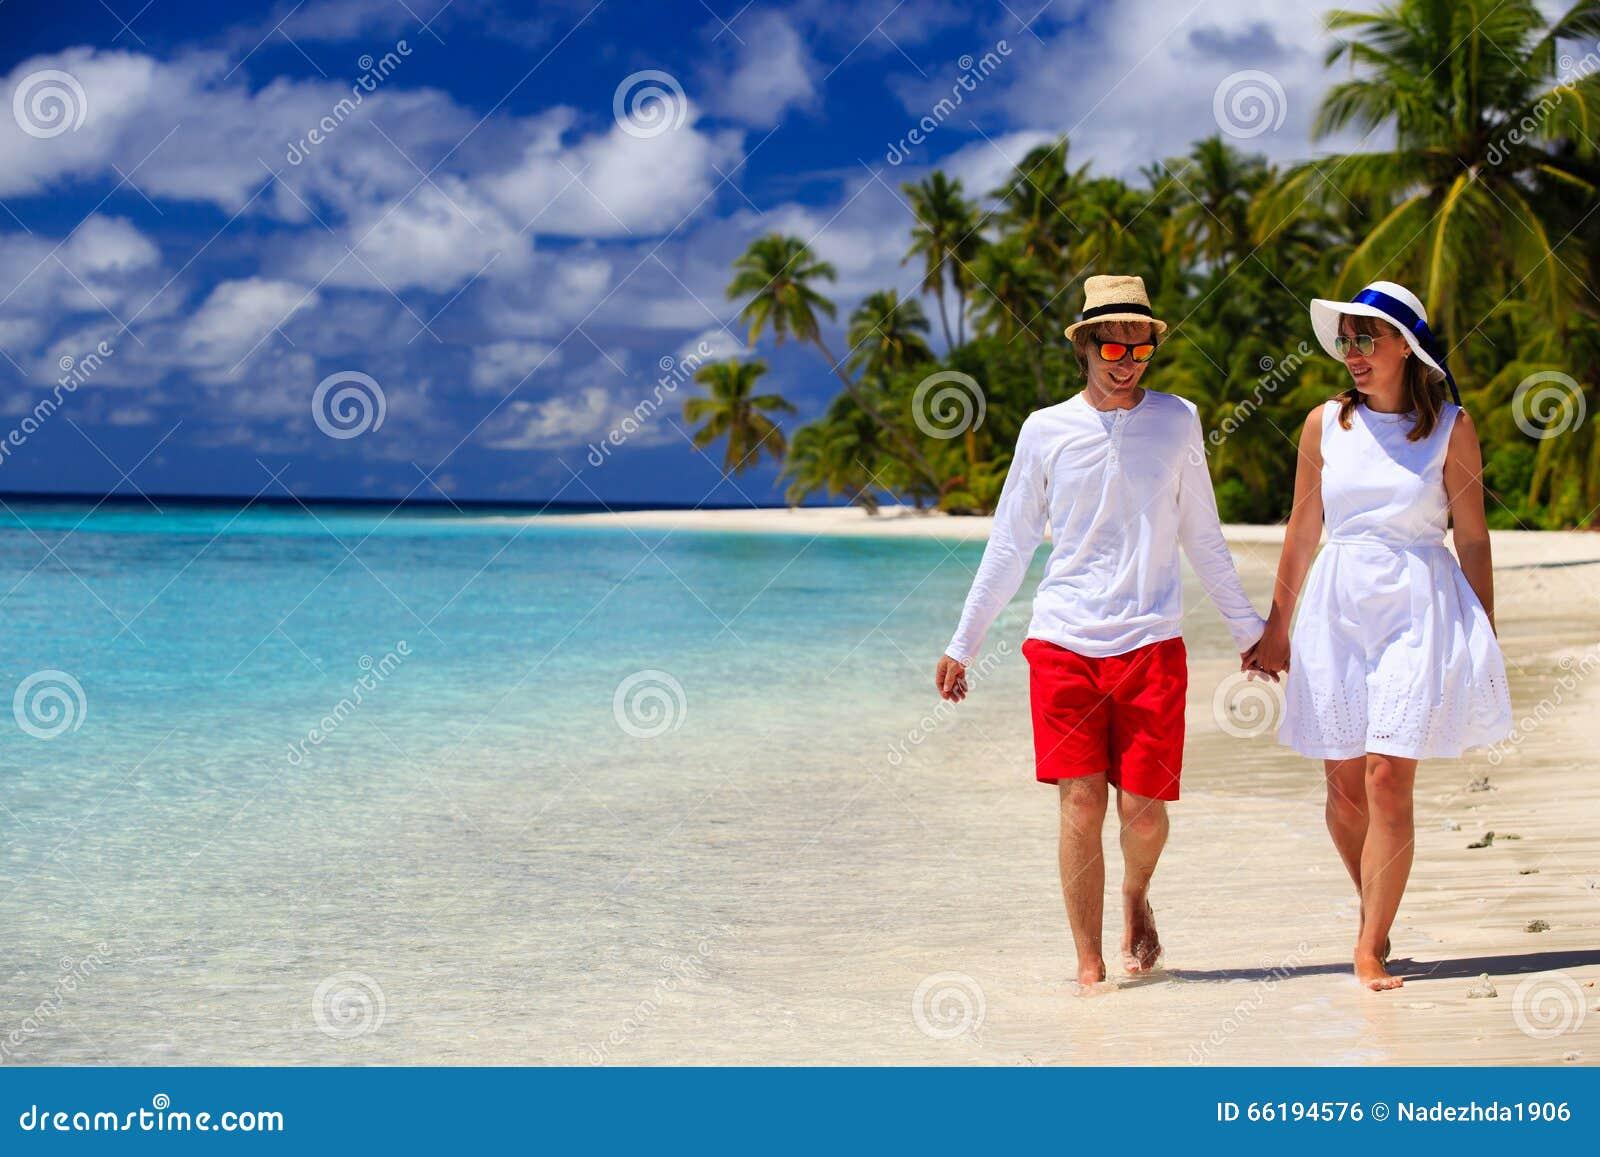 Coppie amorose felici che camminano sulla spiaggia tropicale